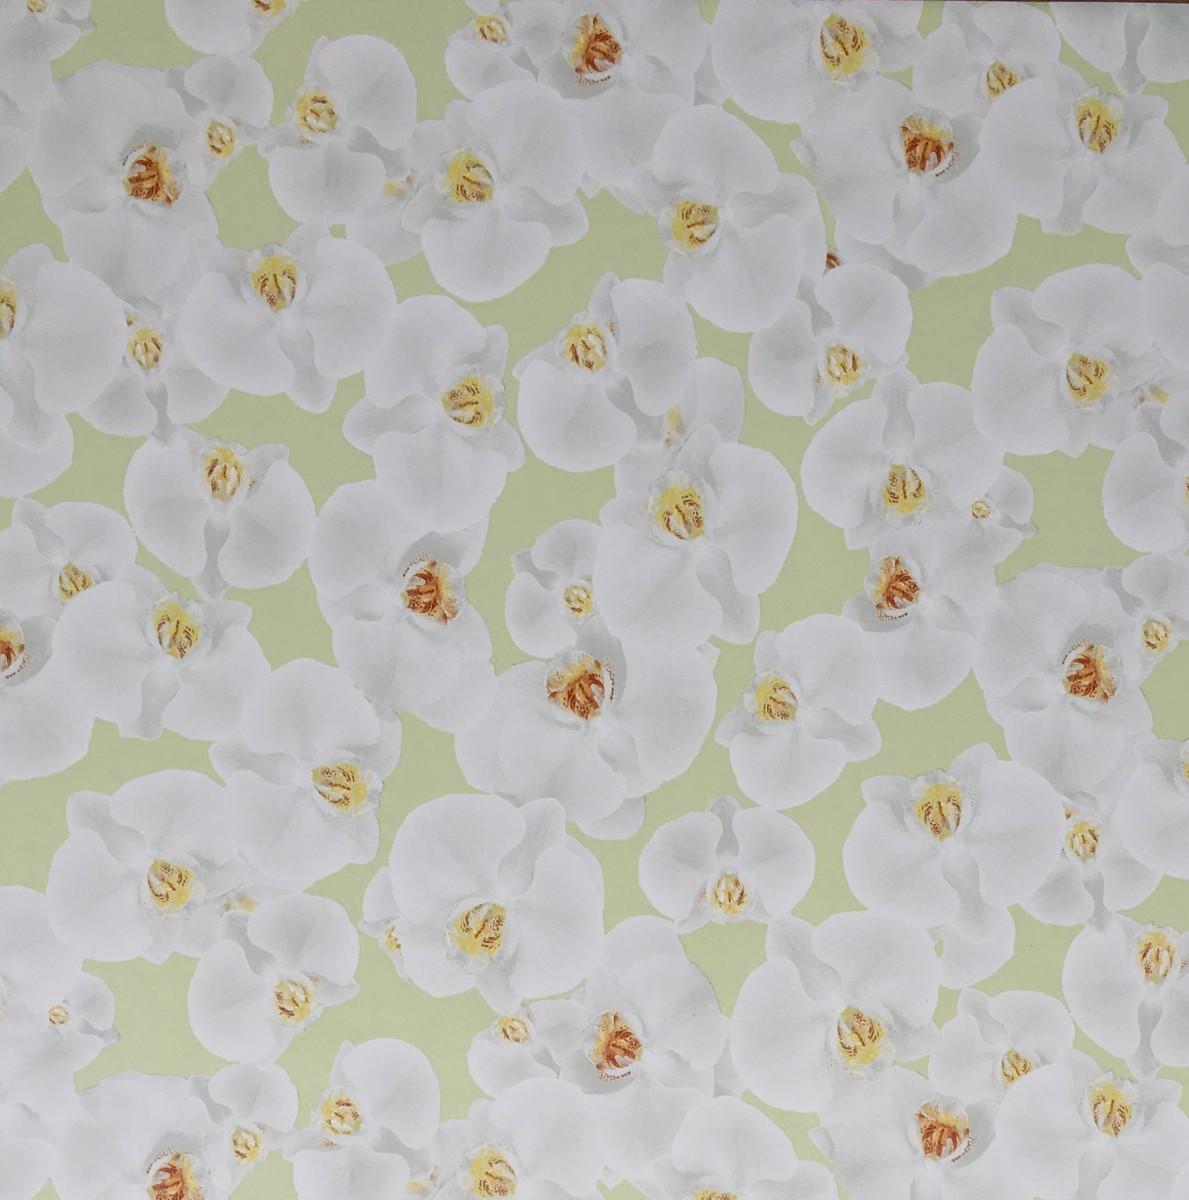 Klebefolie m belfolie wei e orchideen 45 cm x 200 cm for Klebefolie dekorfolie